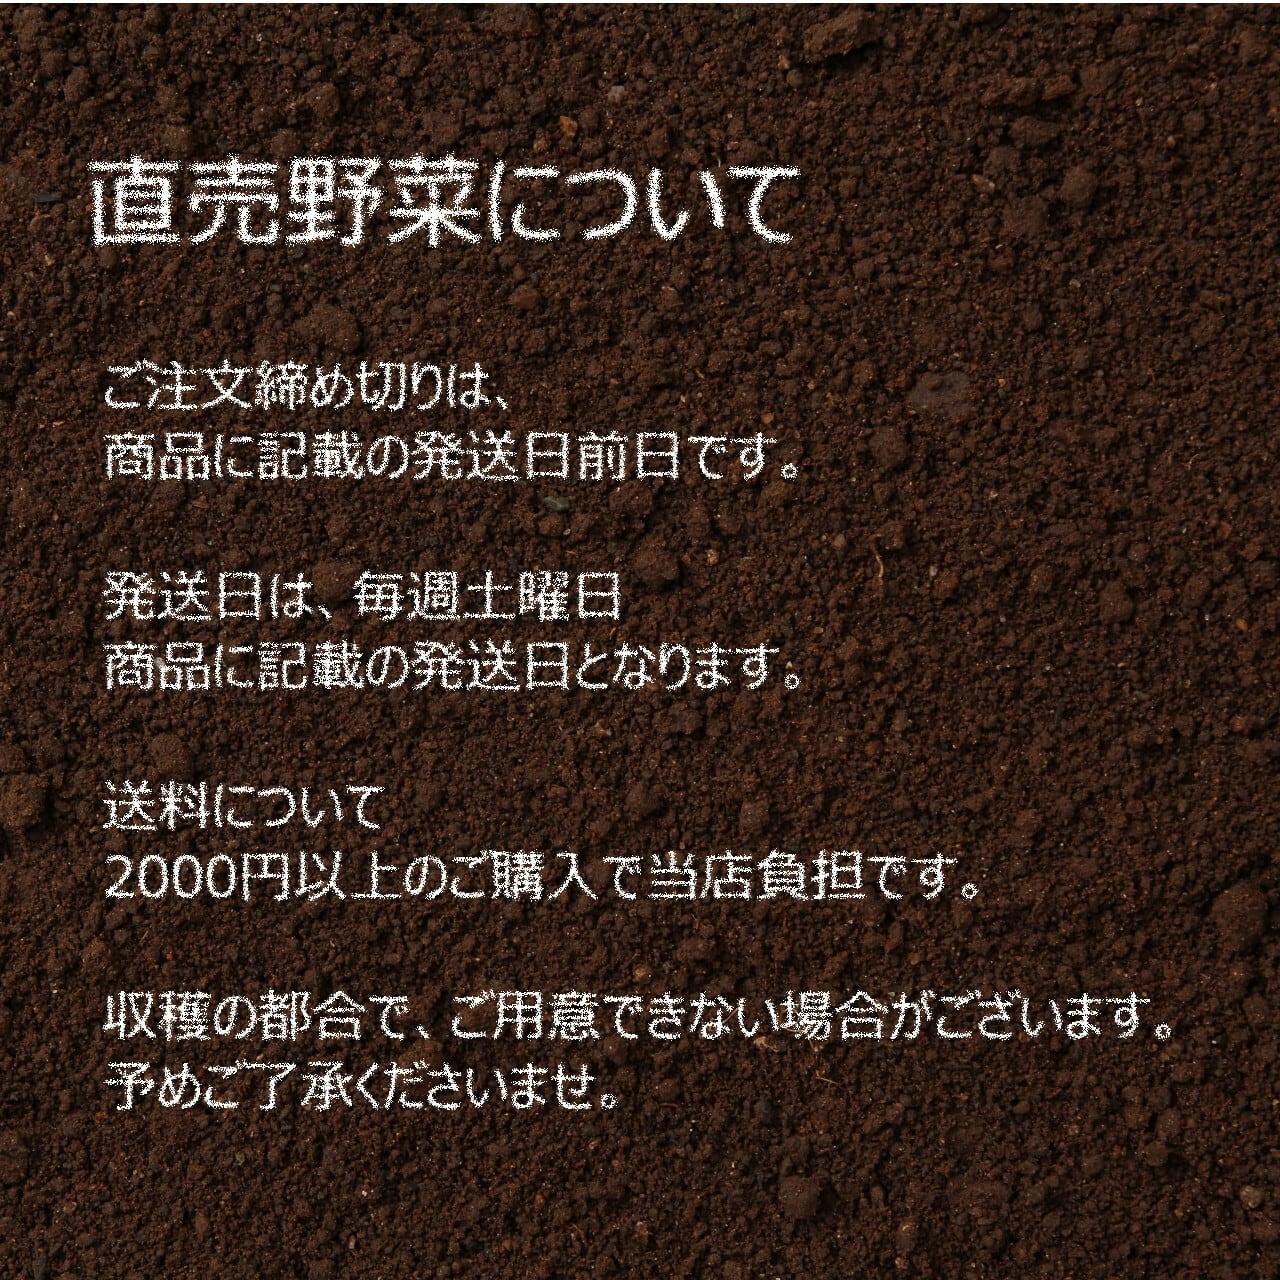 7月の新鮮な夏野菜 : ニラ 約200g  朝採り直売野菜 7月17日発送予定